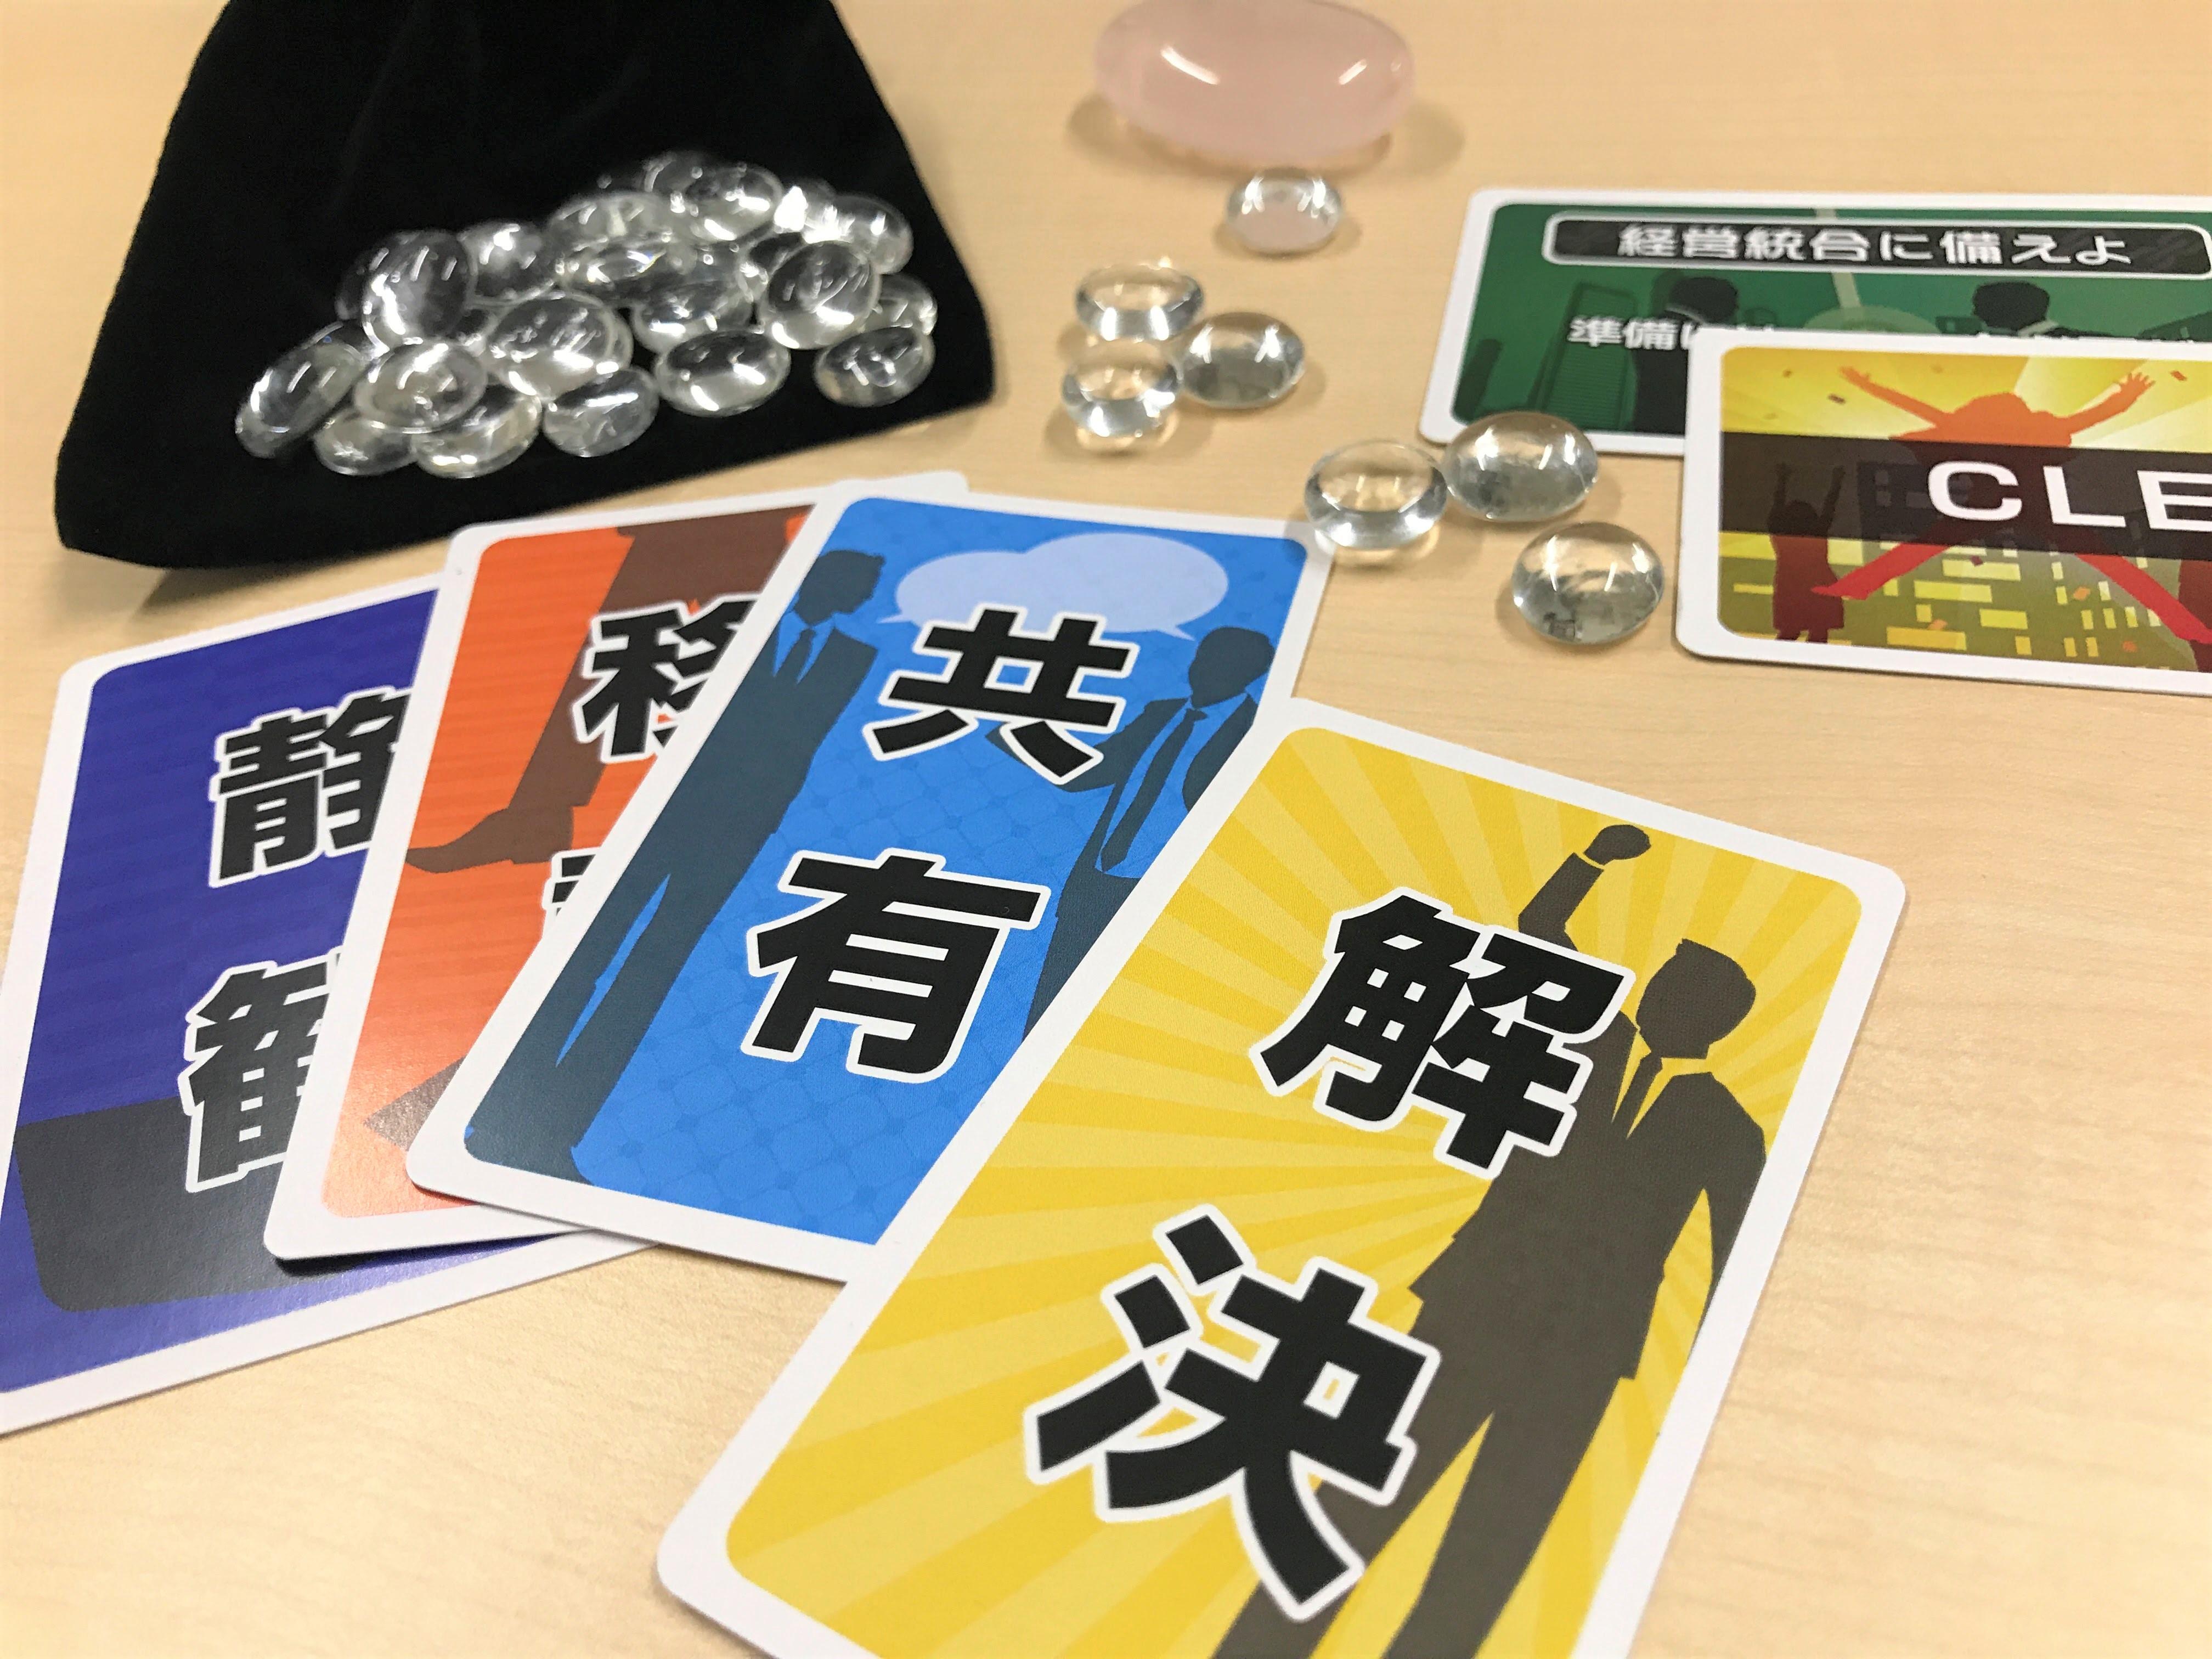 承認を学ぶビジネスゲーム「トナリノココロ」